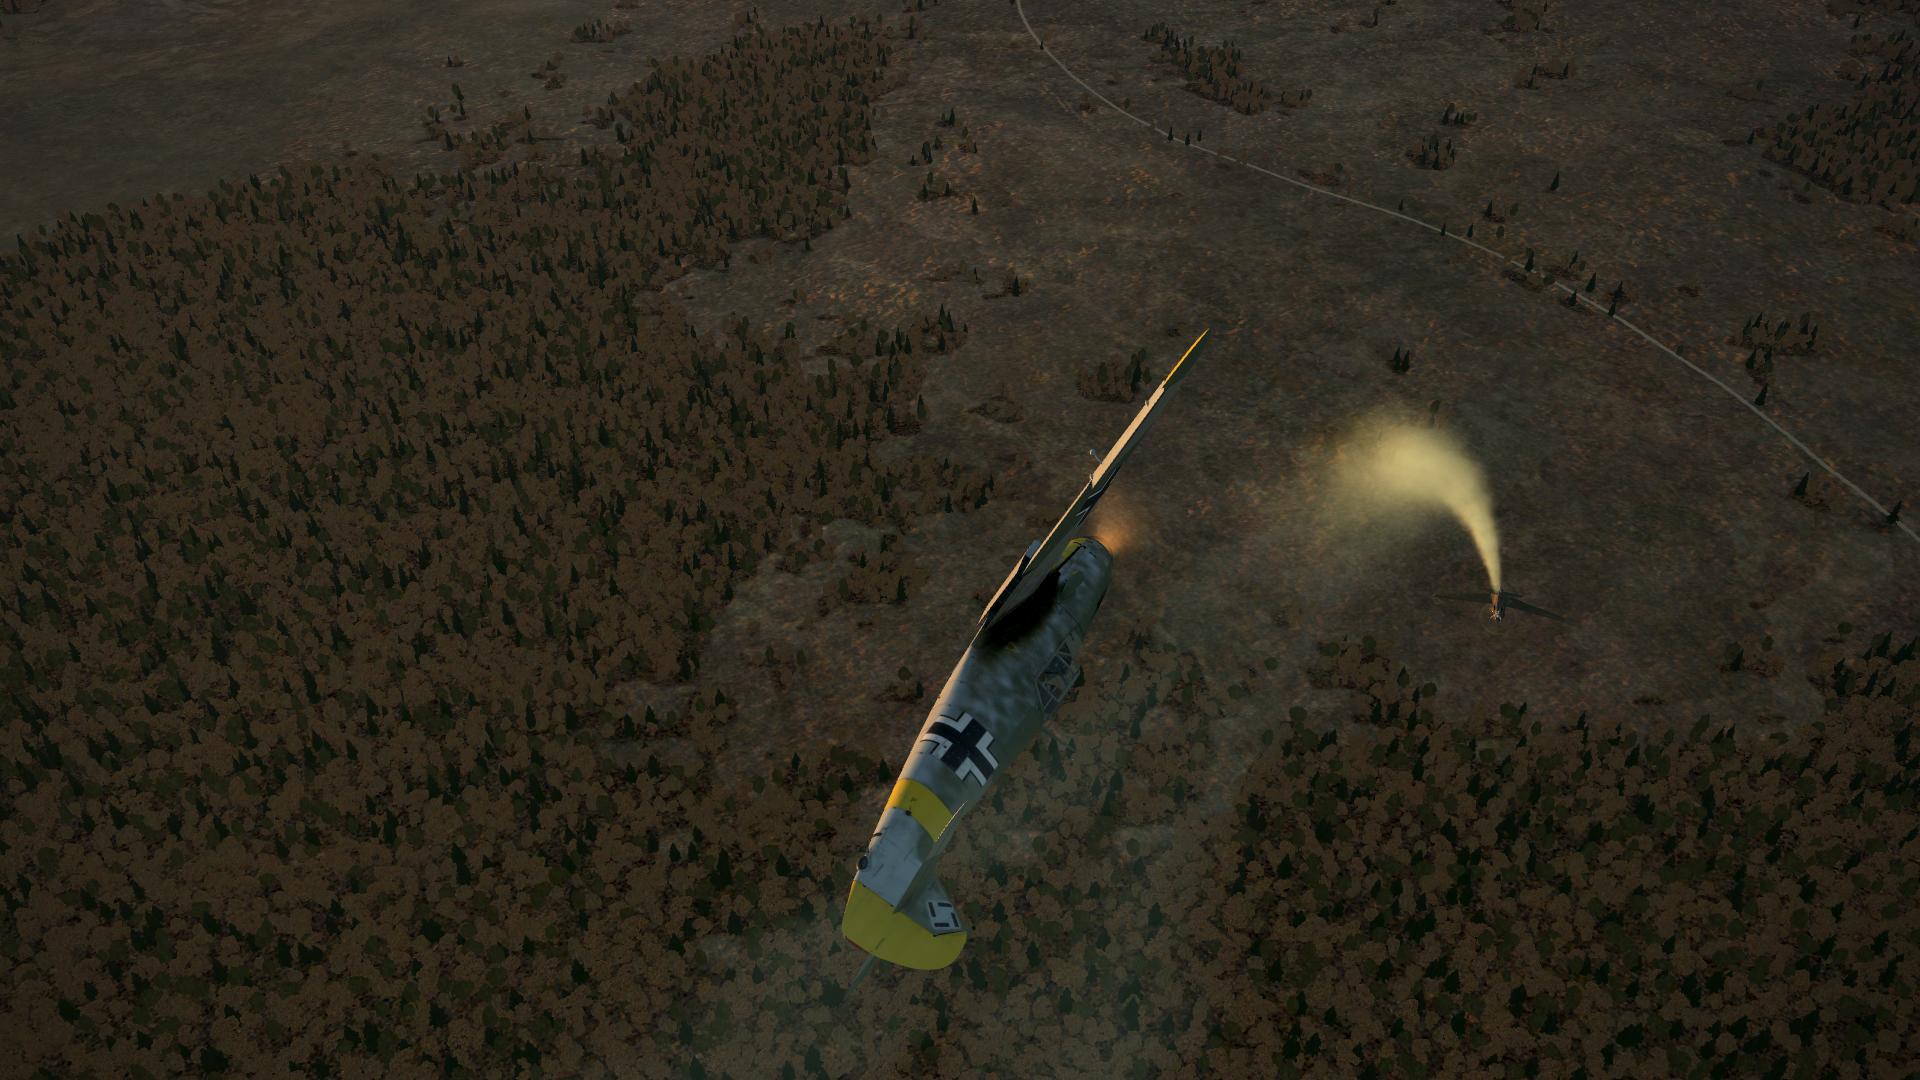 IL-2 Sturmovik Battle of Stalingrad Screenshot 2020.03.24 - 20.23.54.15.png